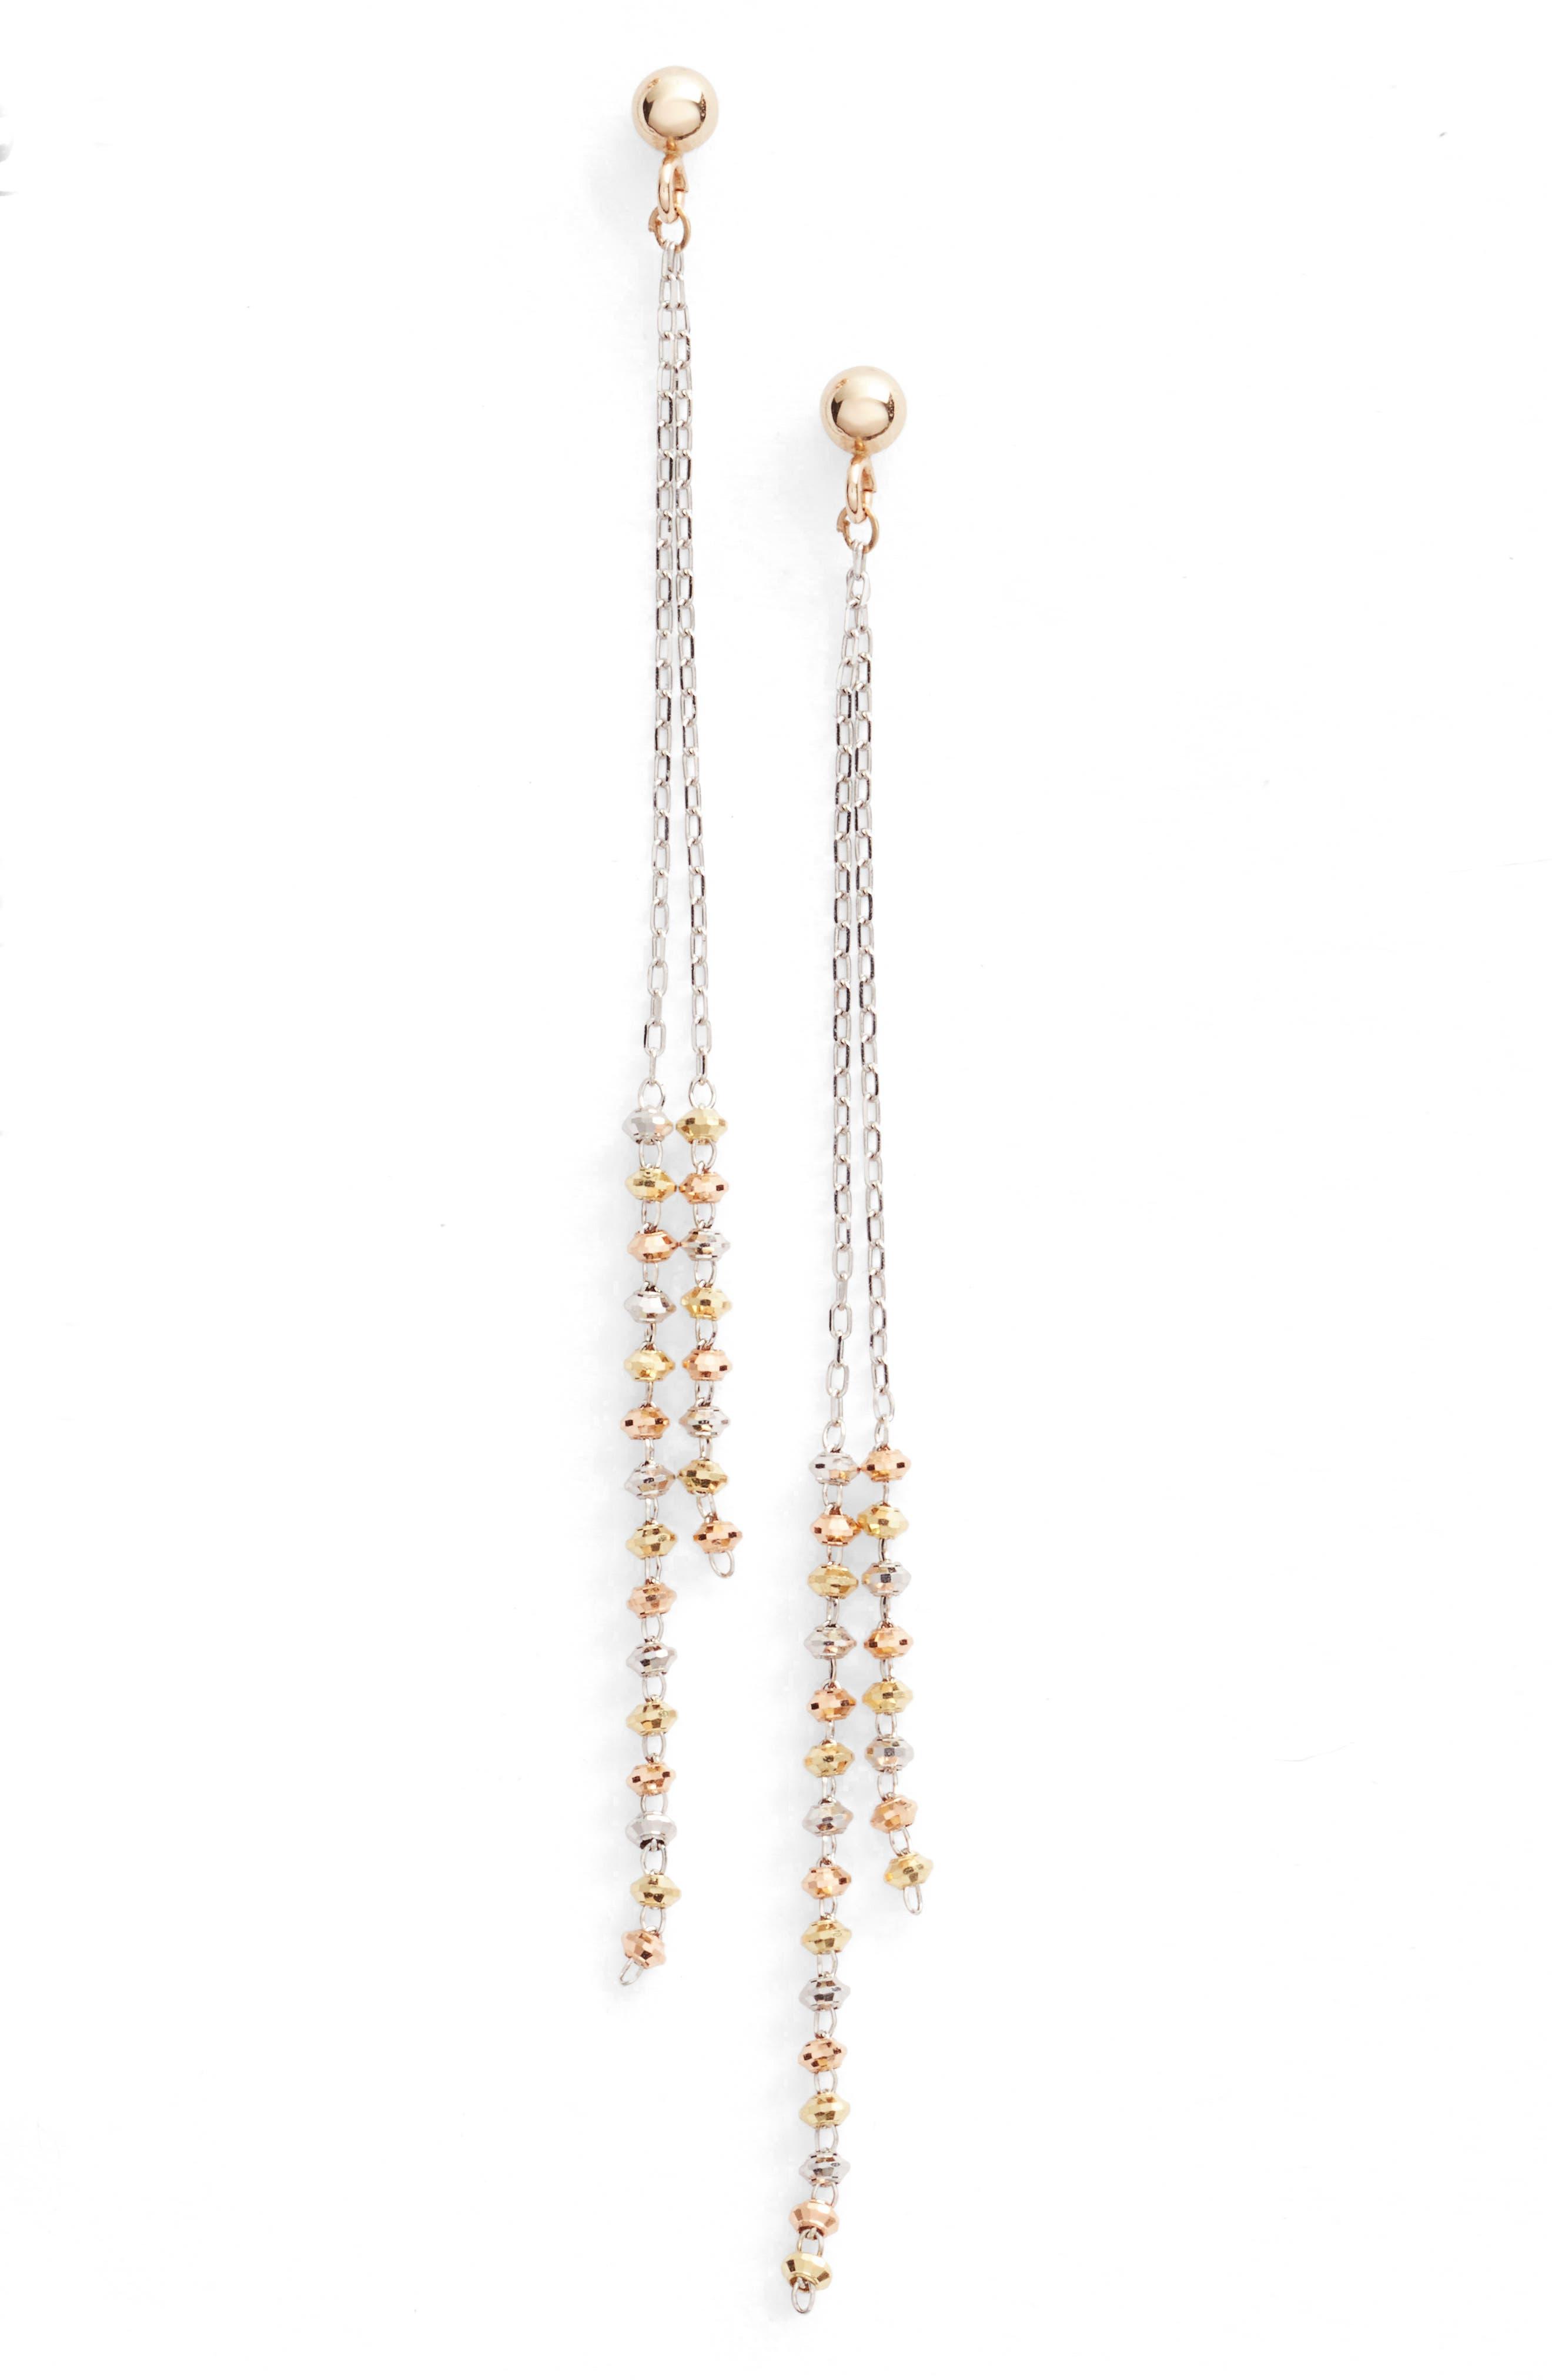 Main Image - Poppy Finch Double Shimmer Linear Drop Earrings